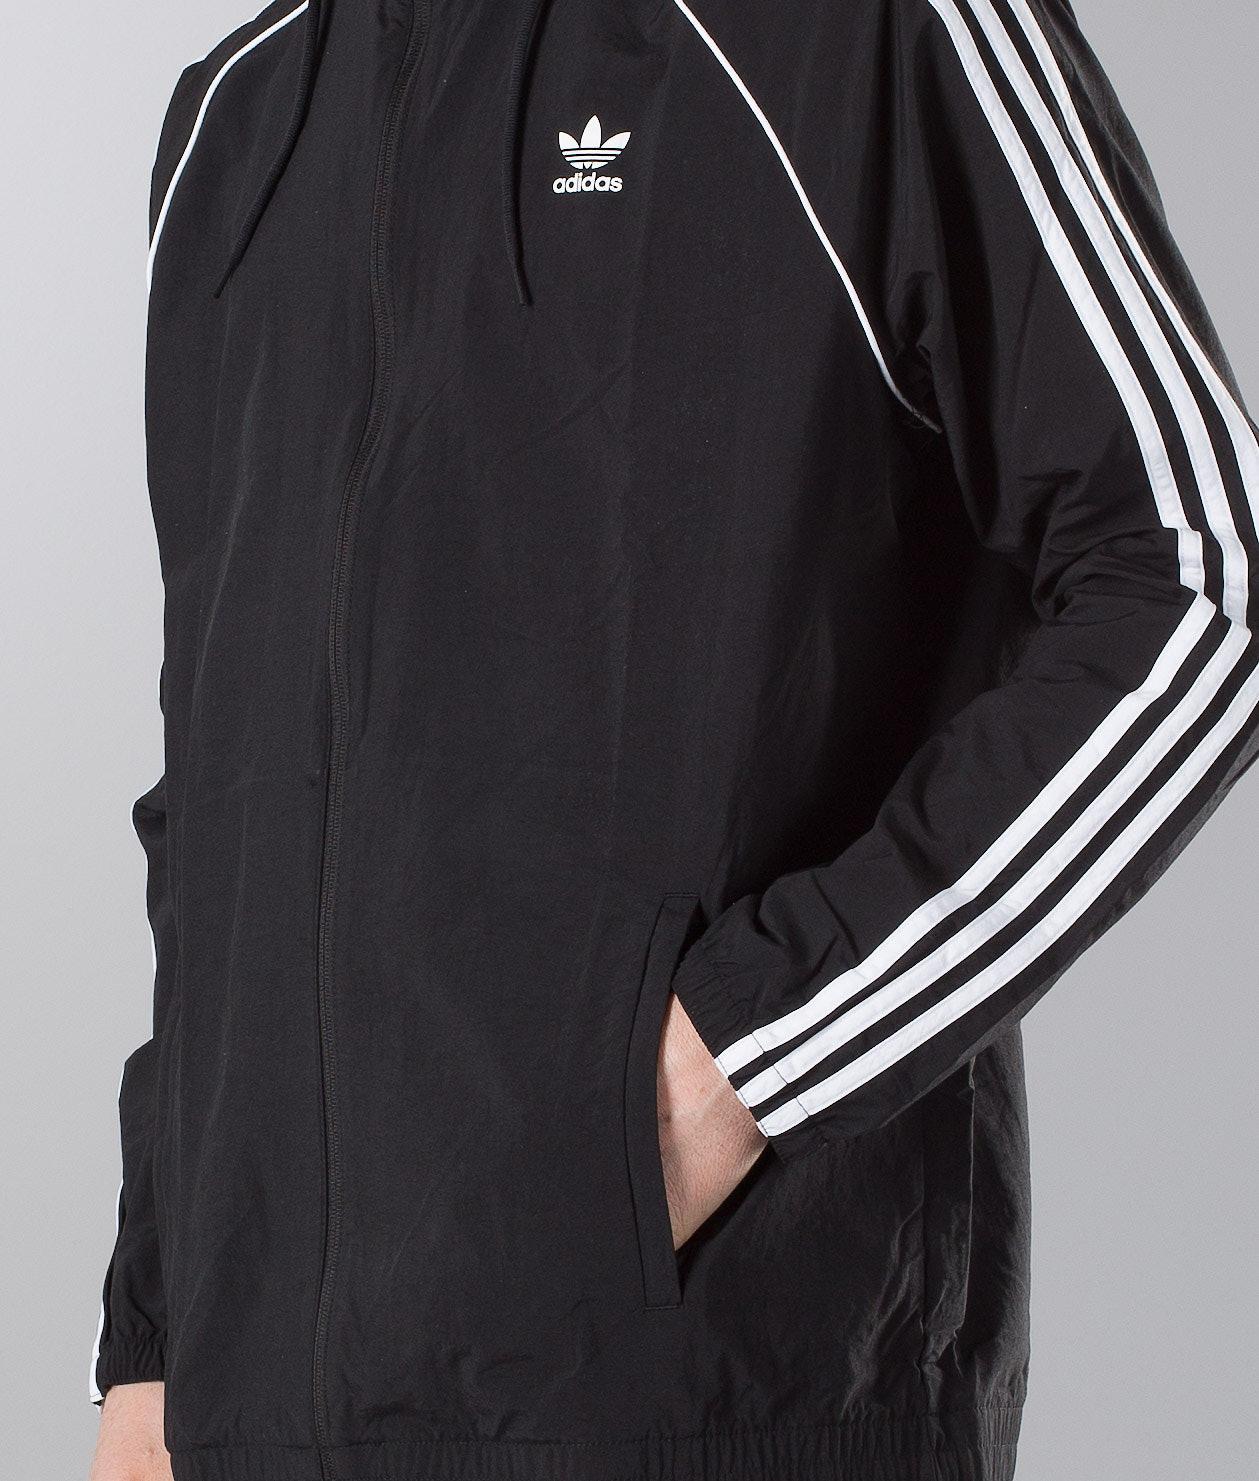 f41bd3b68 Adidas Originals SST Jakke Black